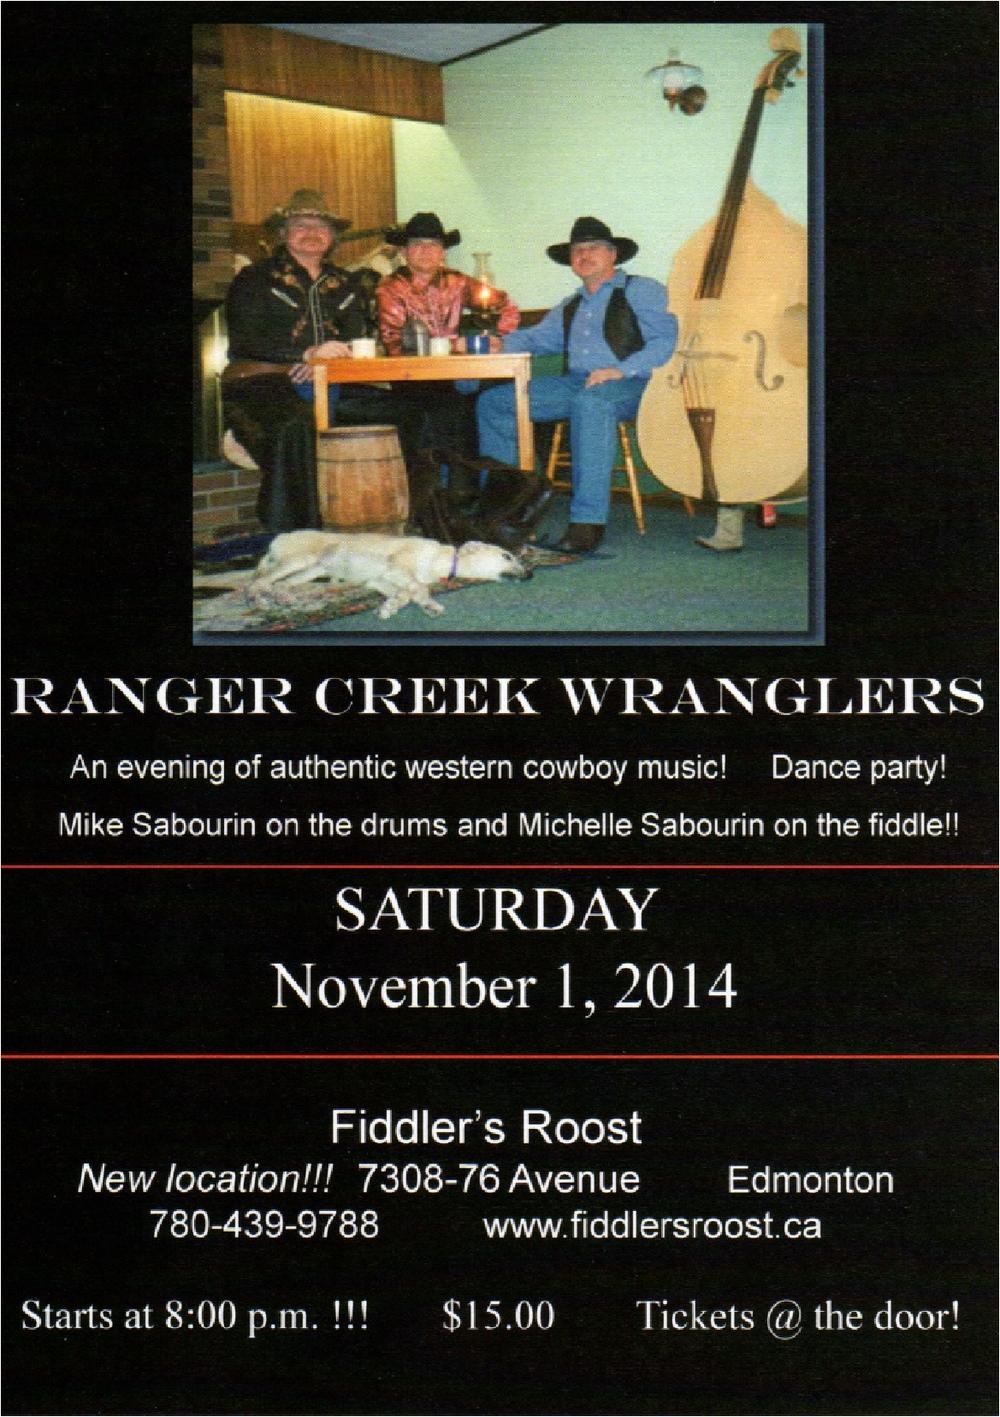 Ranger Creek Wranglers